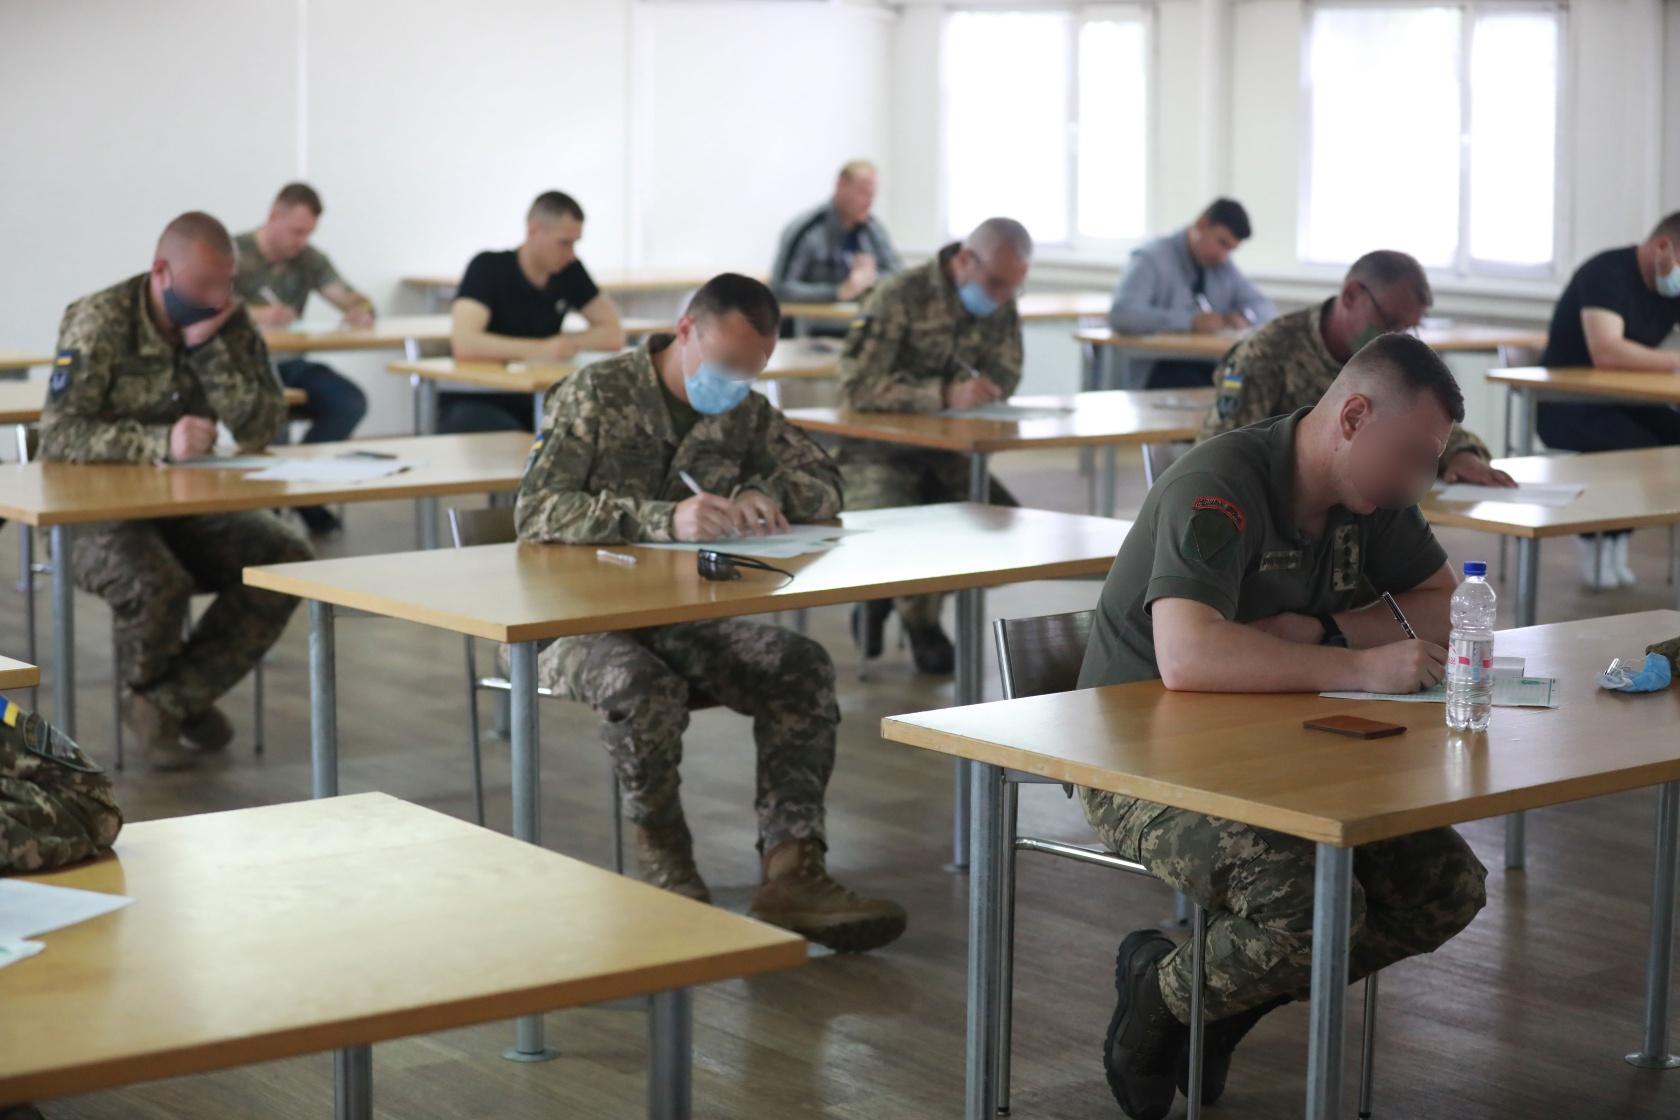 Естонія підтримує рух української армії до стандартів НАТО